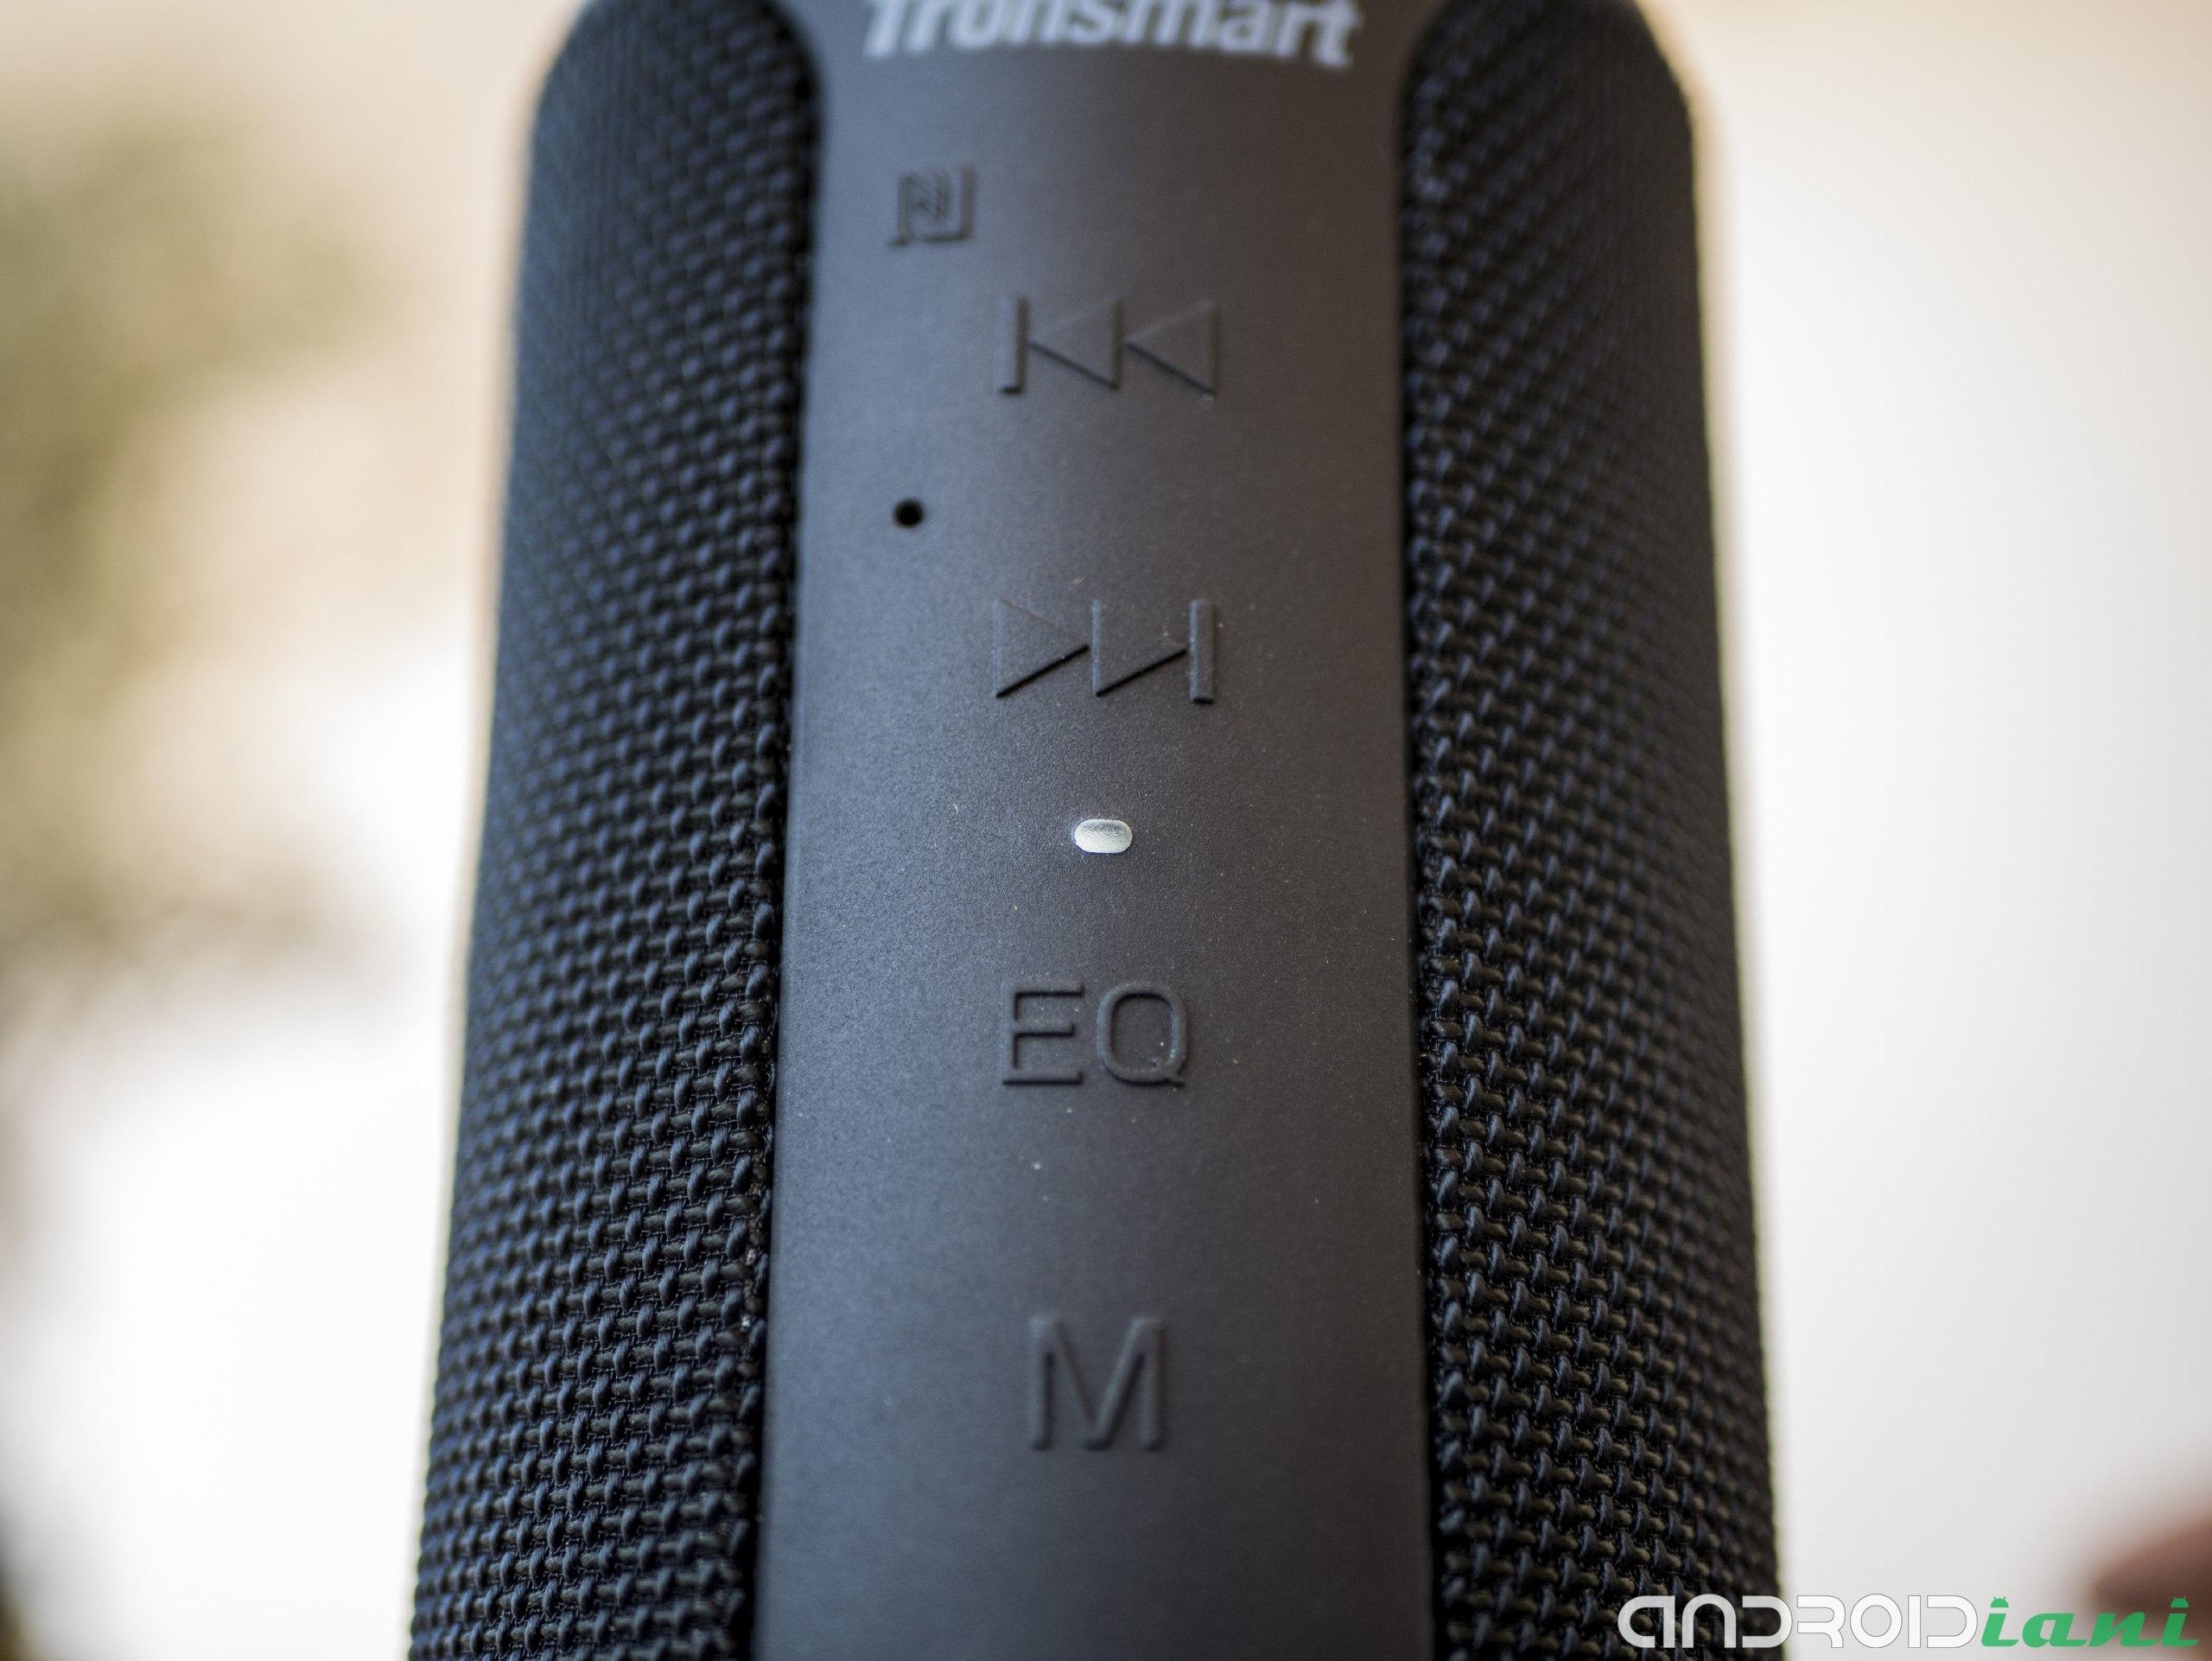 Tronsmart Element T6 Plus - ترقية 8